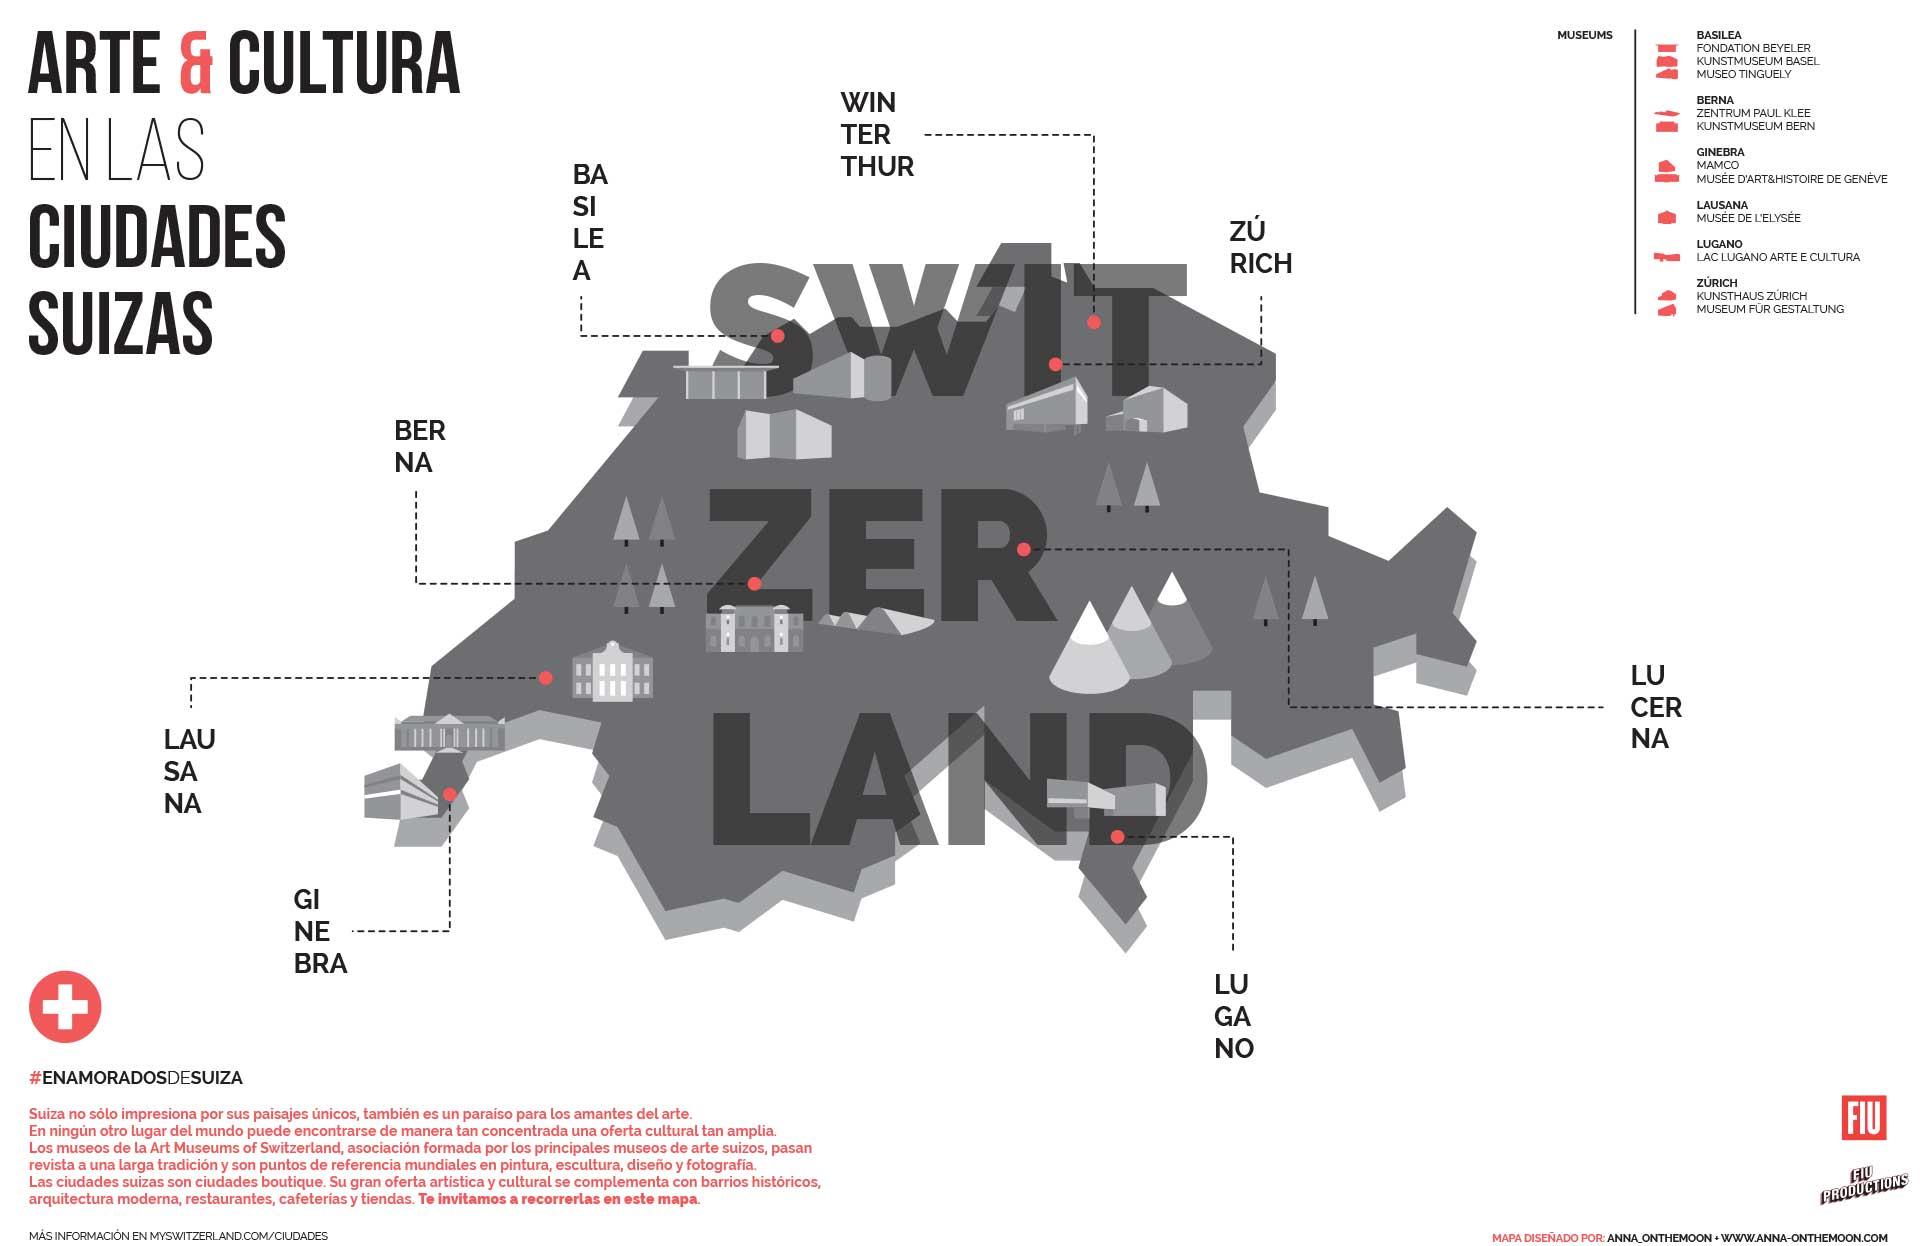 El diseño de Anna Alajarin fue sobrio en forma y color. Predominaba el rojo de la bandera de Suiza sobre un discreto mapa gris.